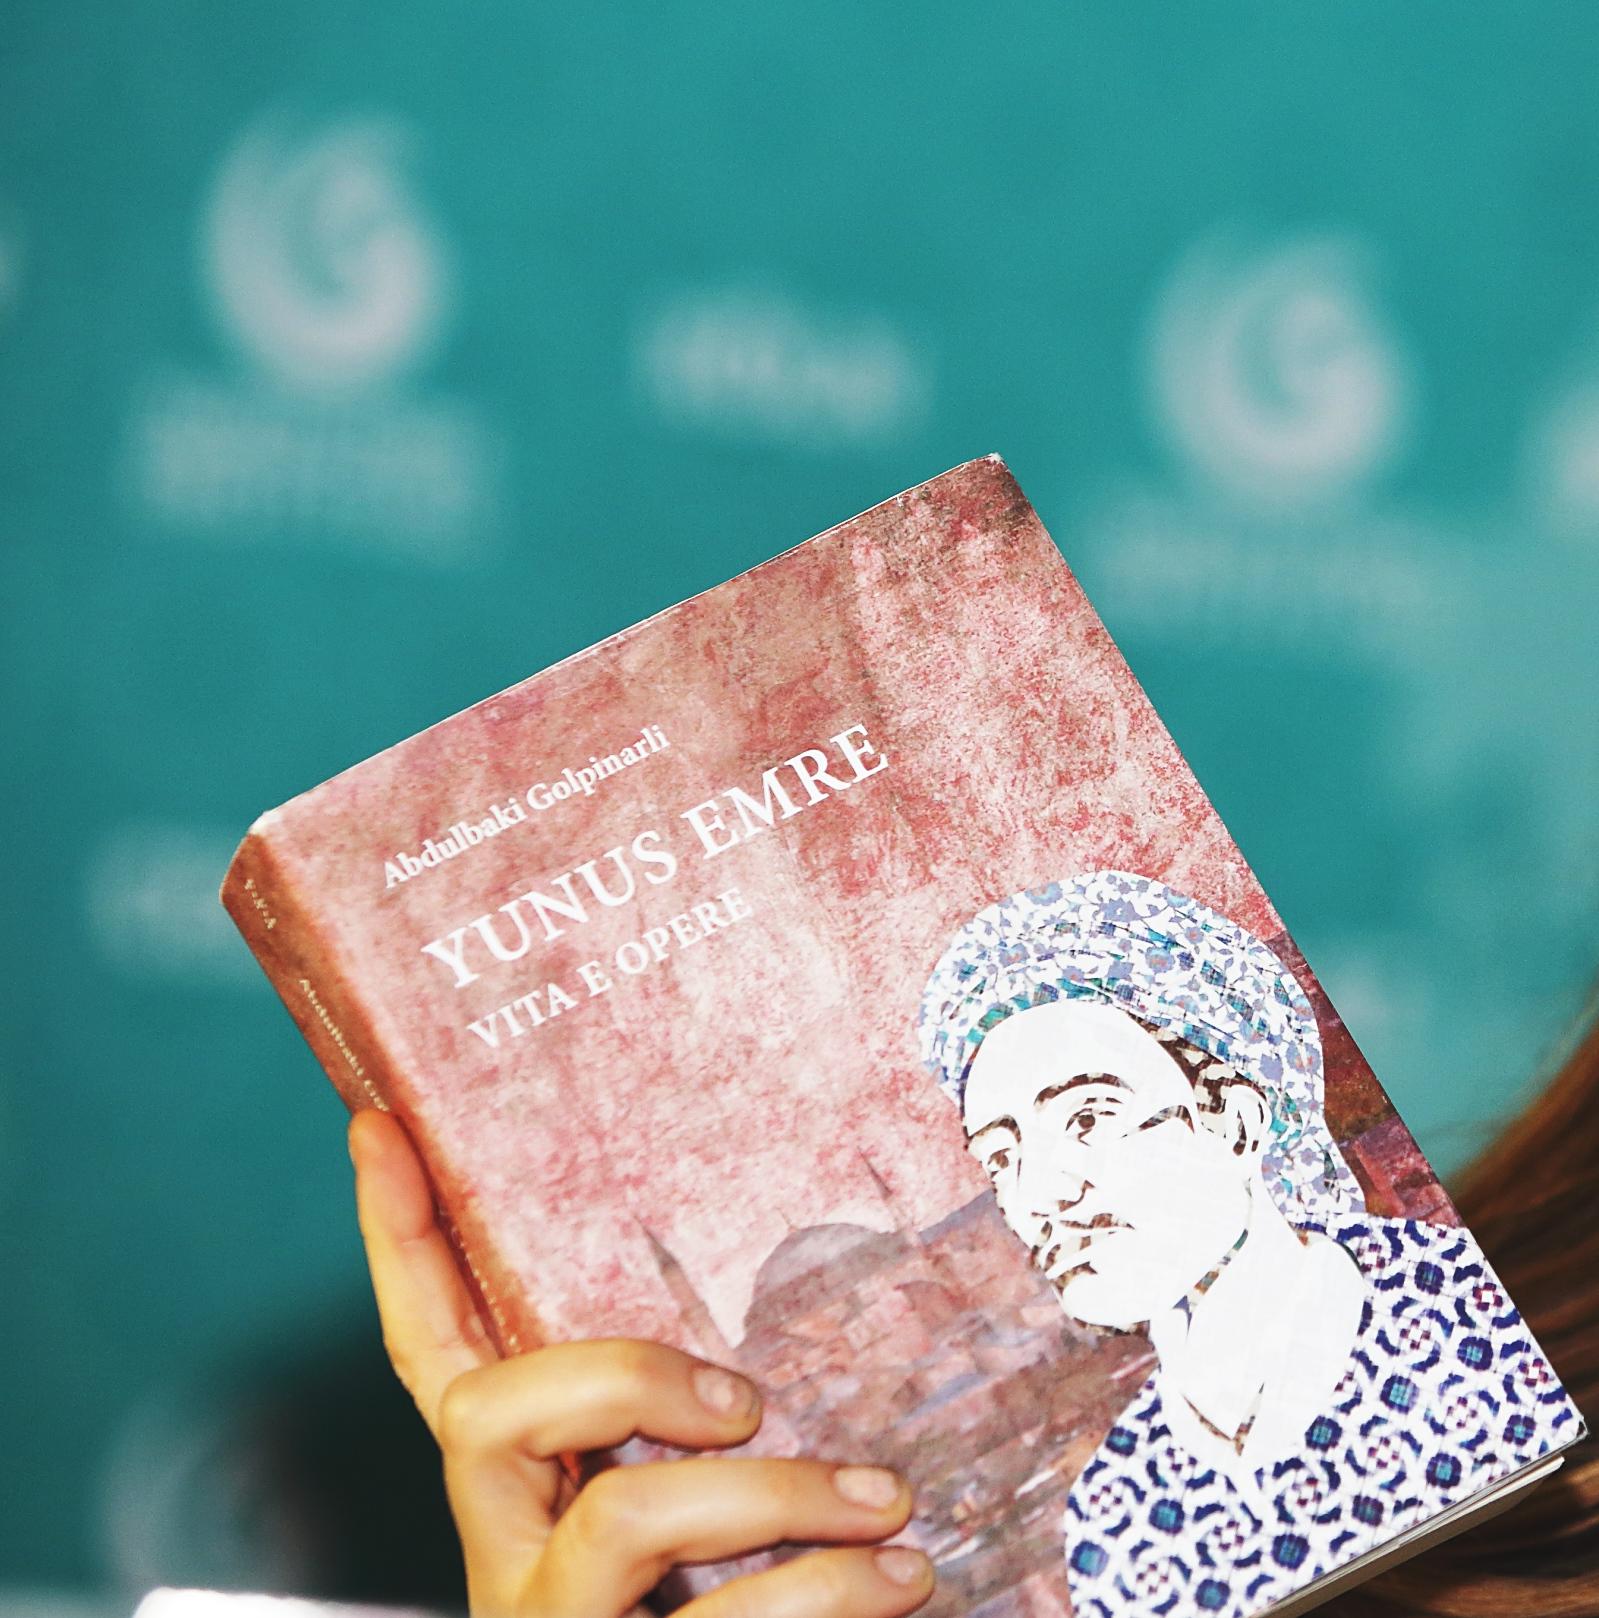 """Presentazione del nostro libro: """"Yunus Emre. Vita e opere"""" di Abdulbaki Golpinarli (In preparazione)."""